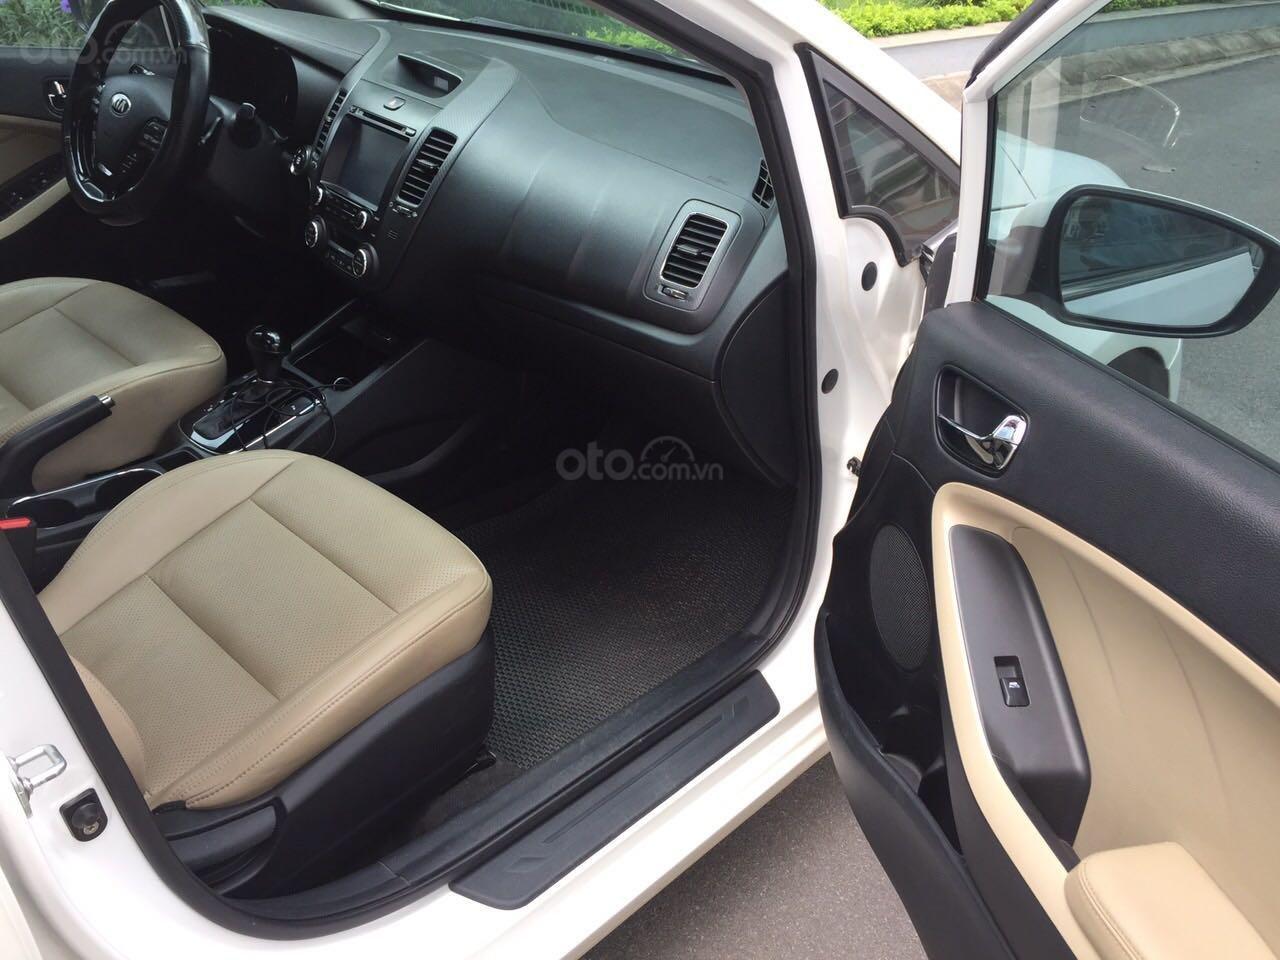 Cần bán Kia Cerato sản xuất 2017, màu trắng, nhập khẩu nguyên chiếc, giá 586 triệu đồng (6)